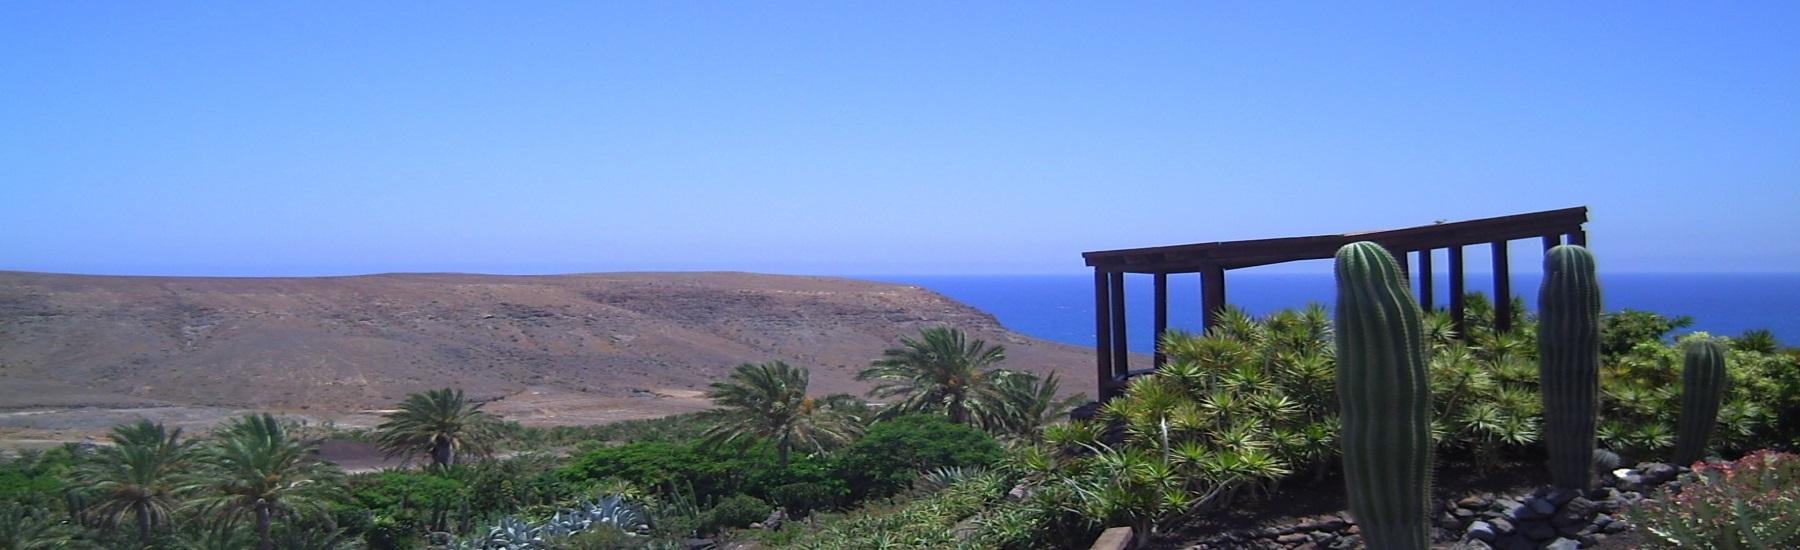 Fuerteventura excursiones